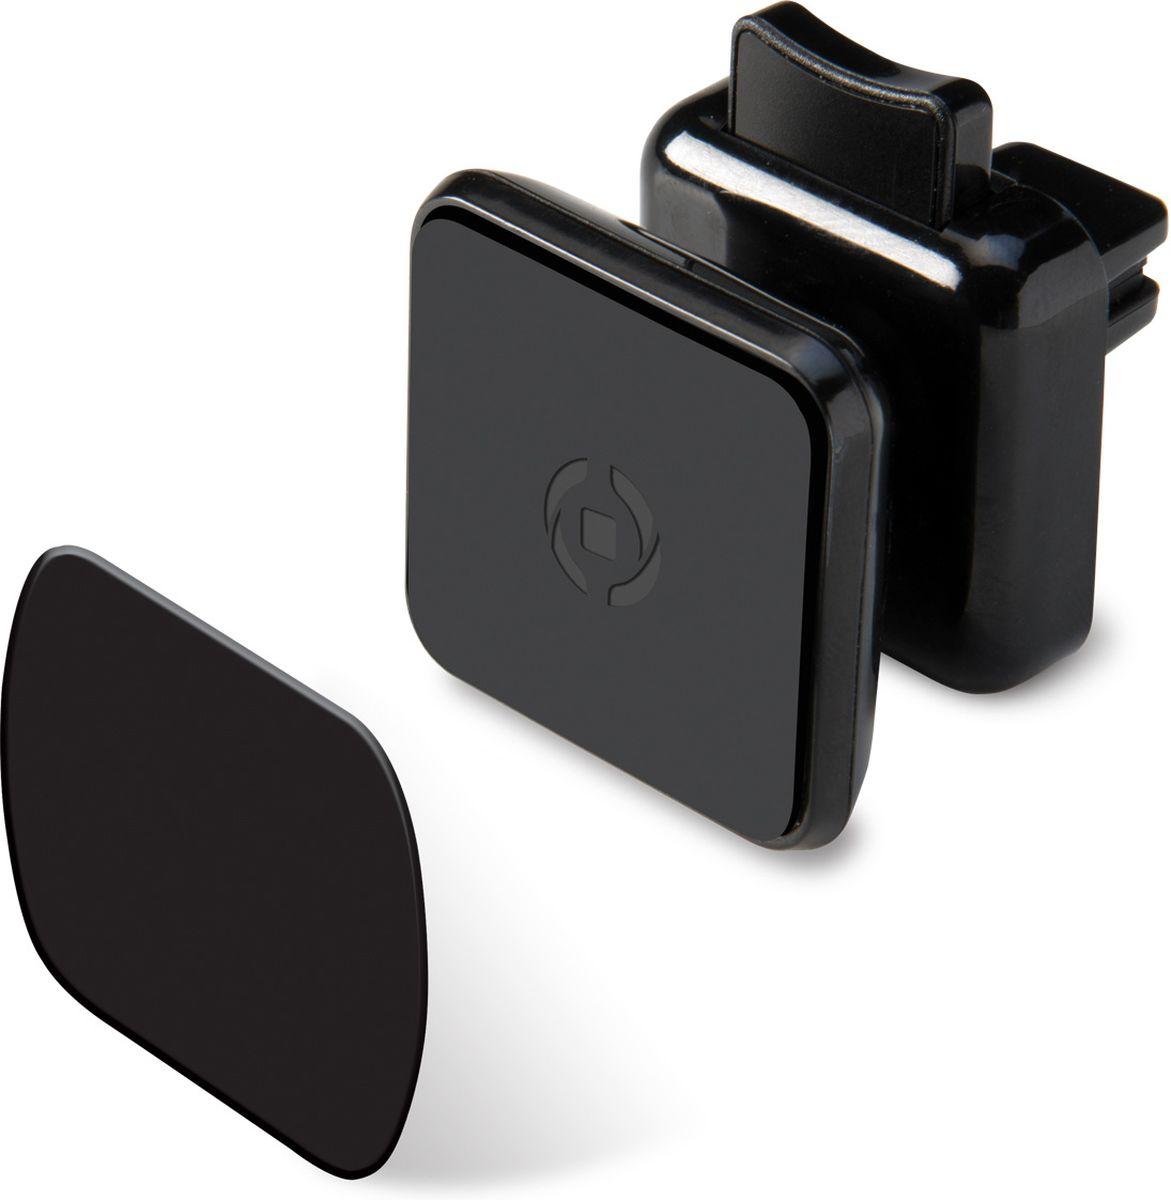 Celly Ghost Plus, Black держатель автомобильный для смартфона